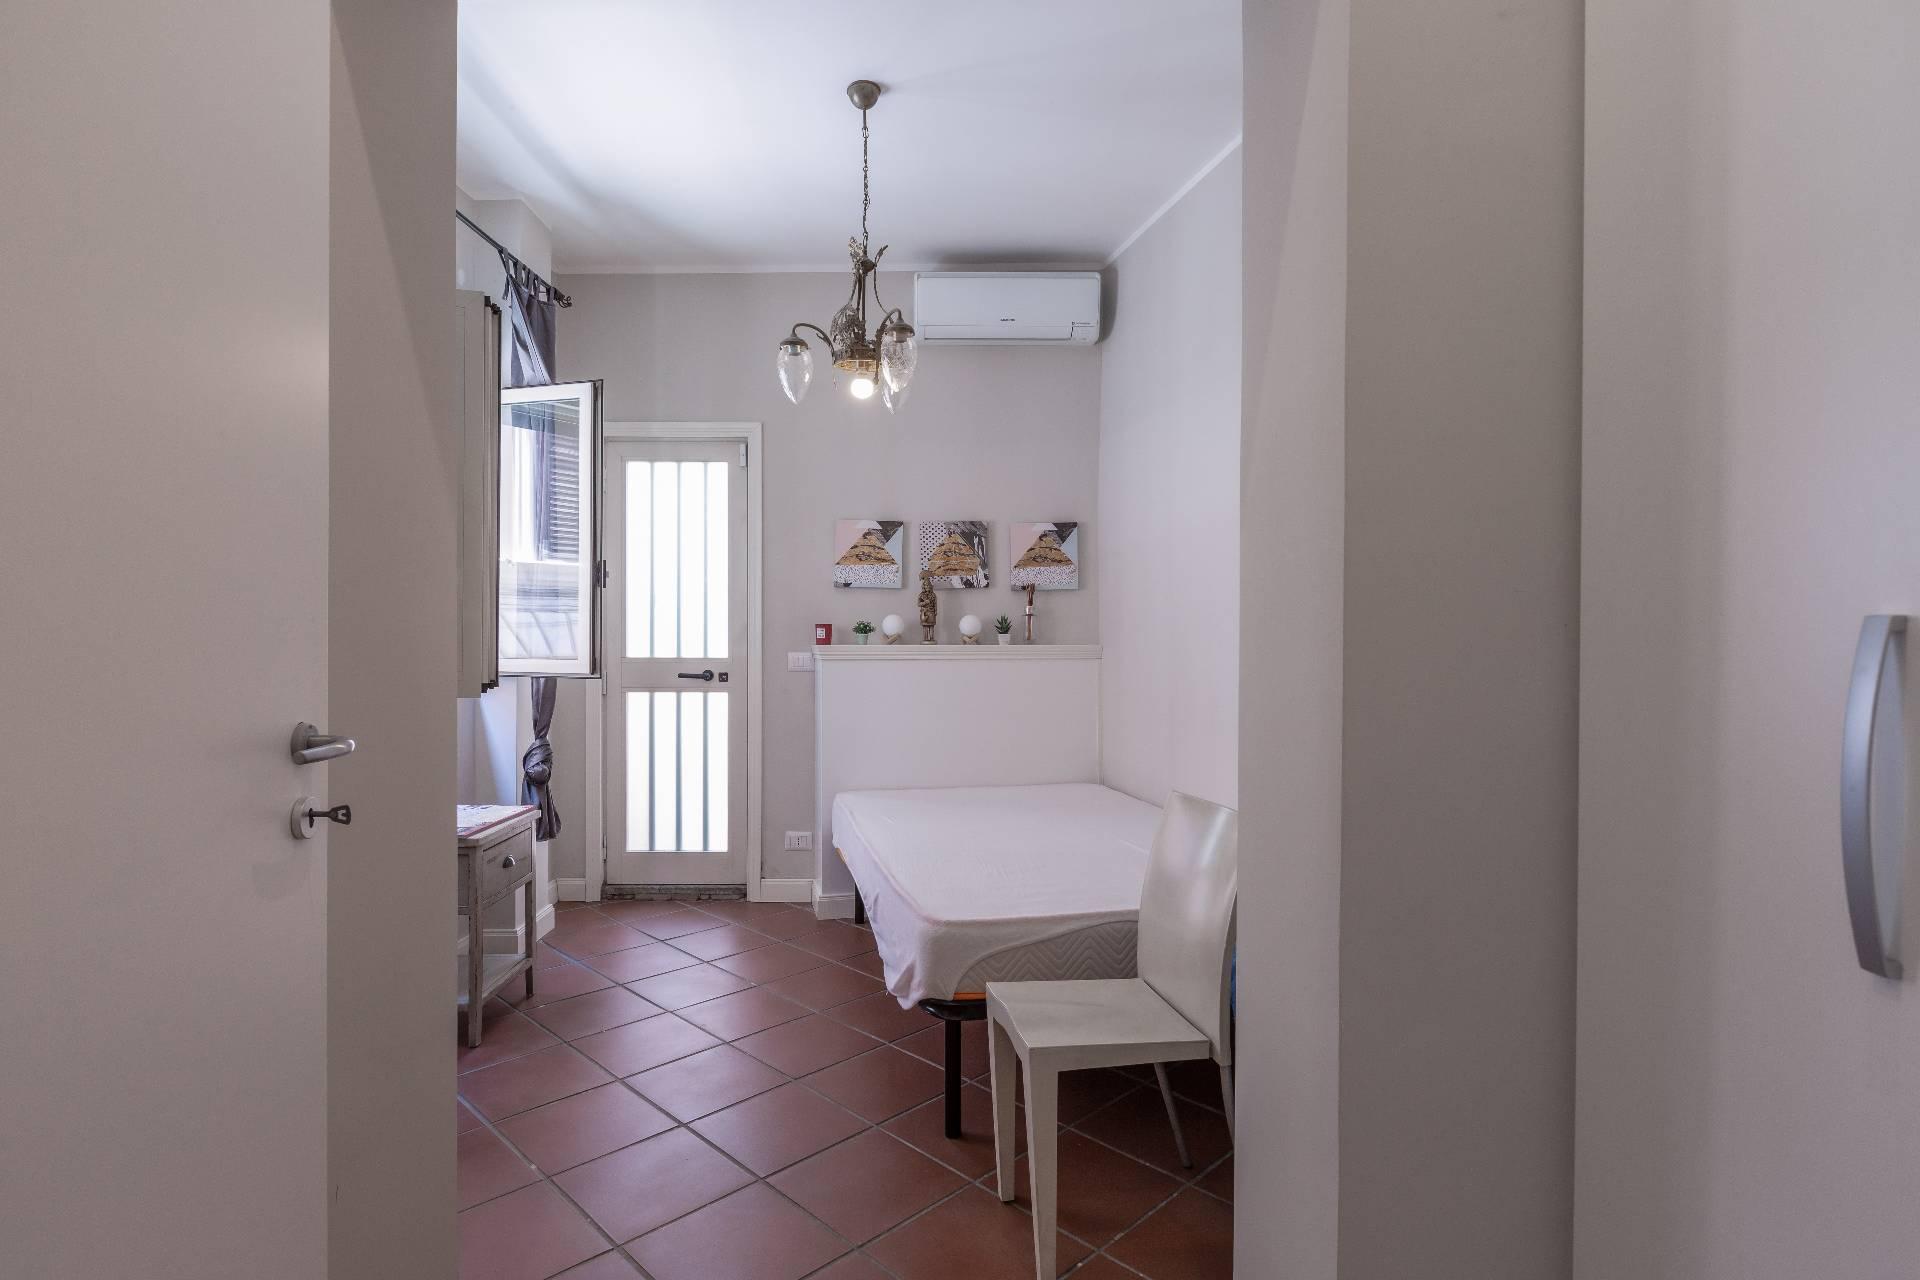 Casa indipendente in Vendita a Roma: 3 locali, 66 mq - Foto 8